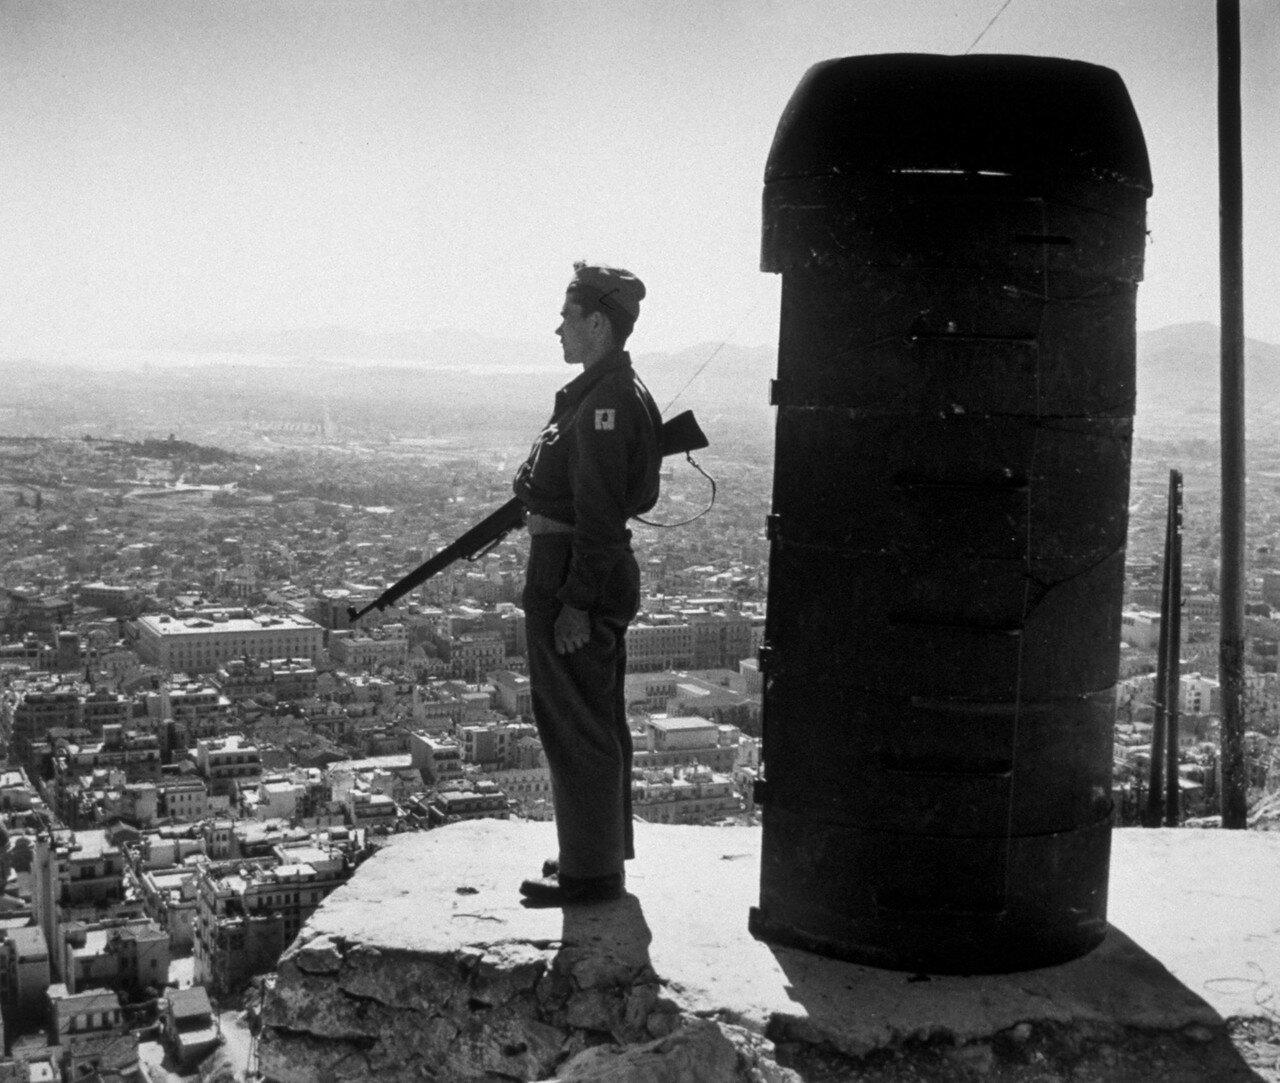 1947. Часовой в карауле на Ликабет Хилл в Афинах. Объявлено состояние боевой готовности из-за возможных атак партизан